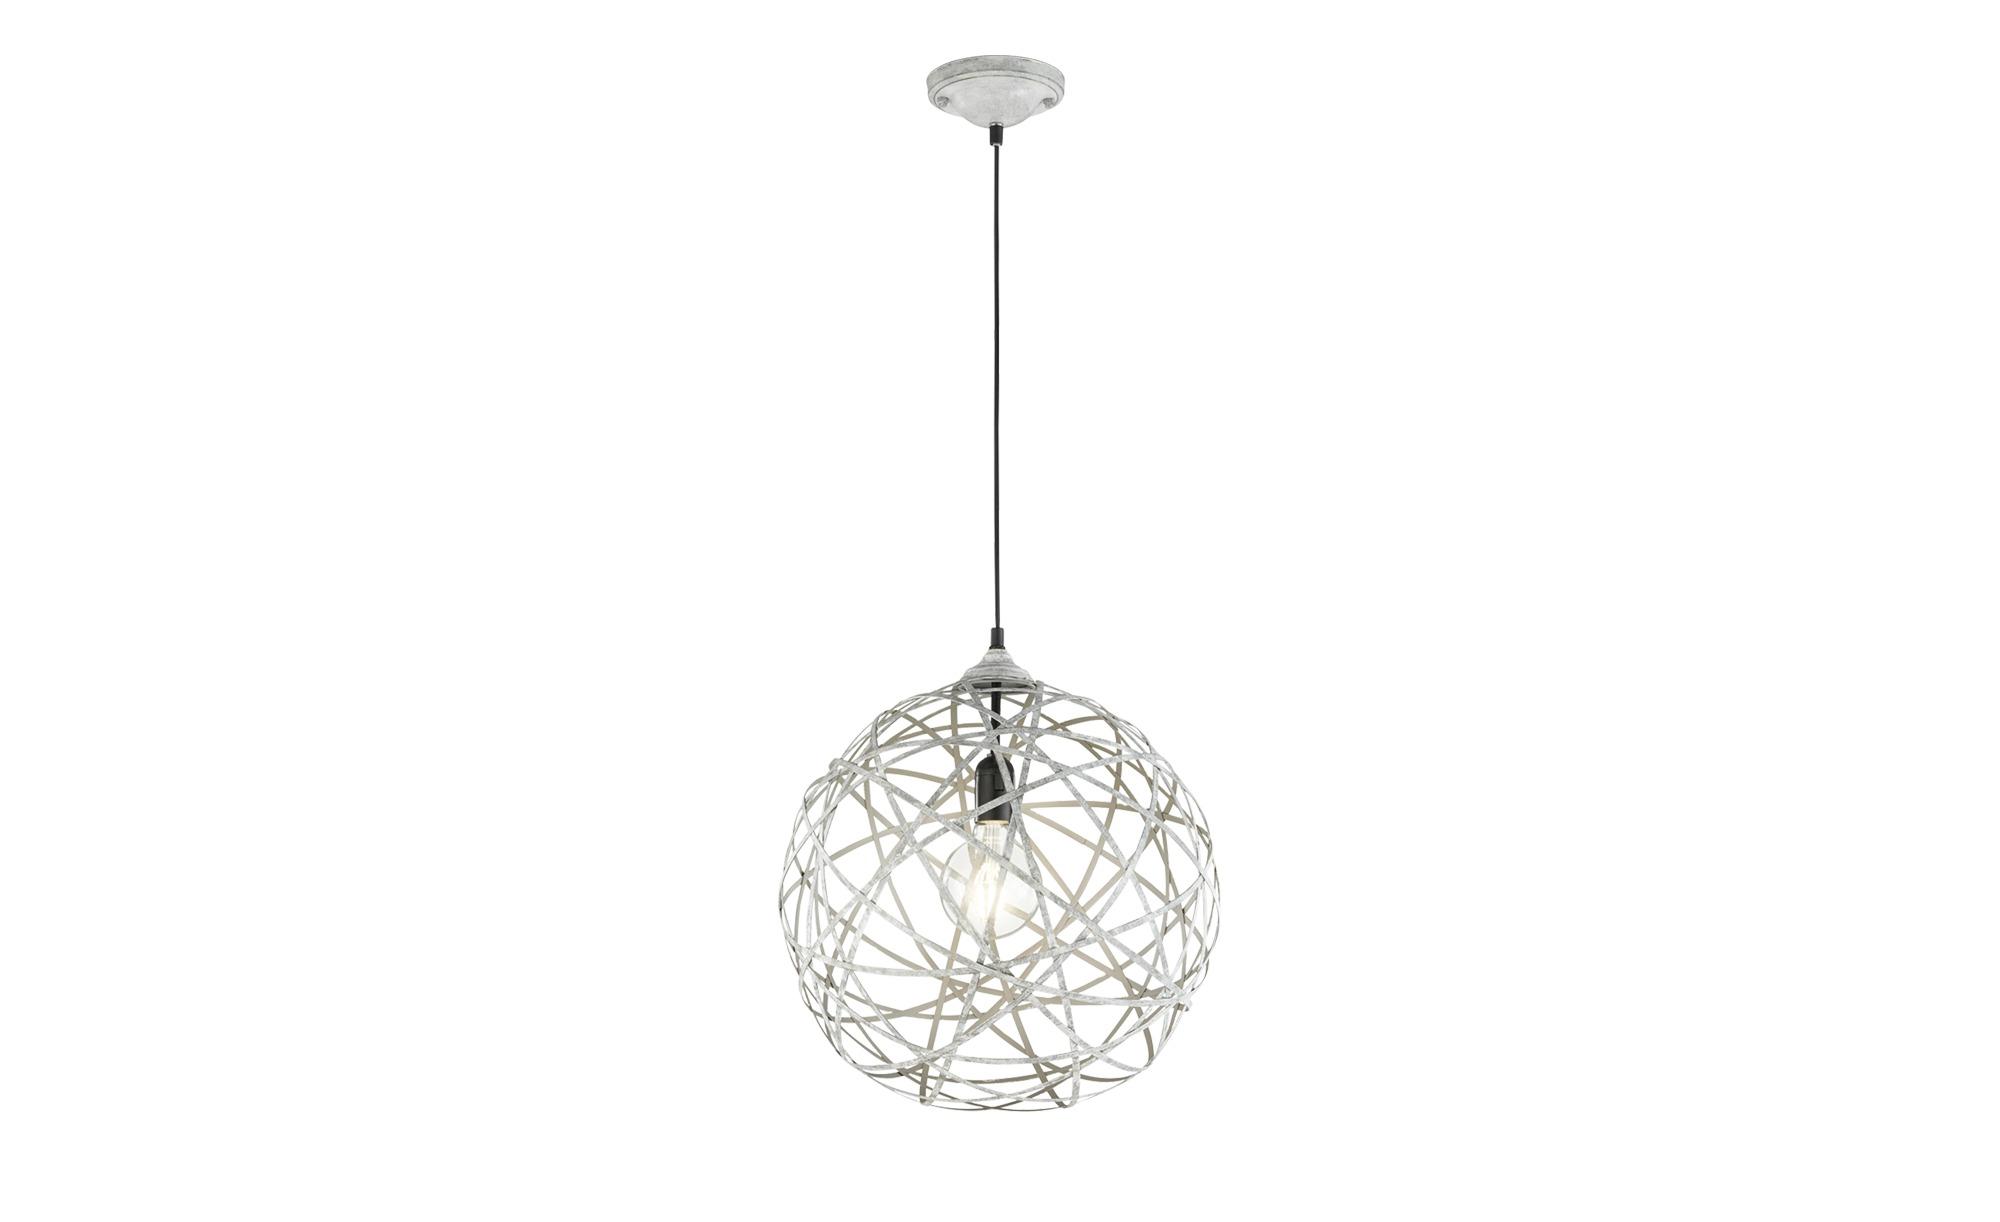 Trio Pendelleuchte, Grau Antik ¦ grauØ: [40.0] Lampen & Leuchten > LED-Leuchten > LED-Pendelleuchten - Höffner